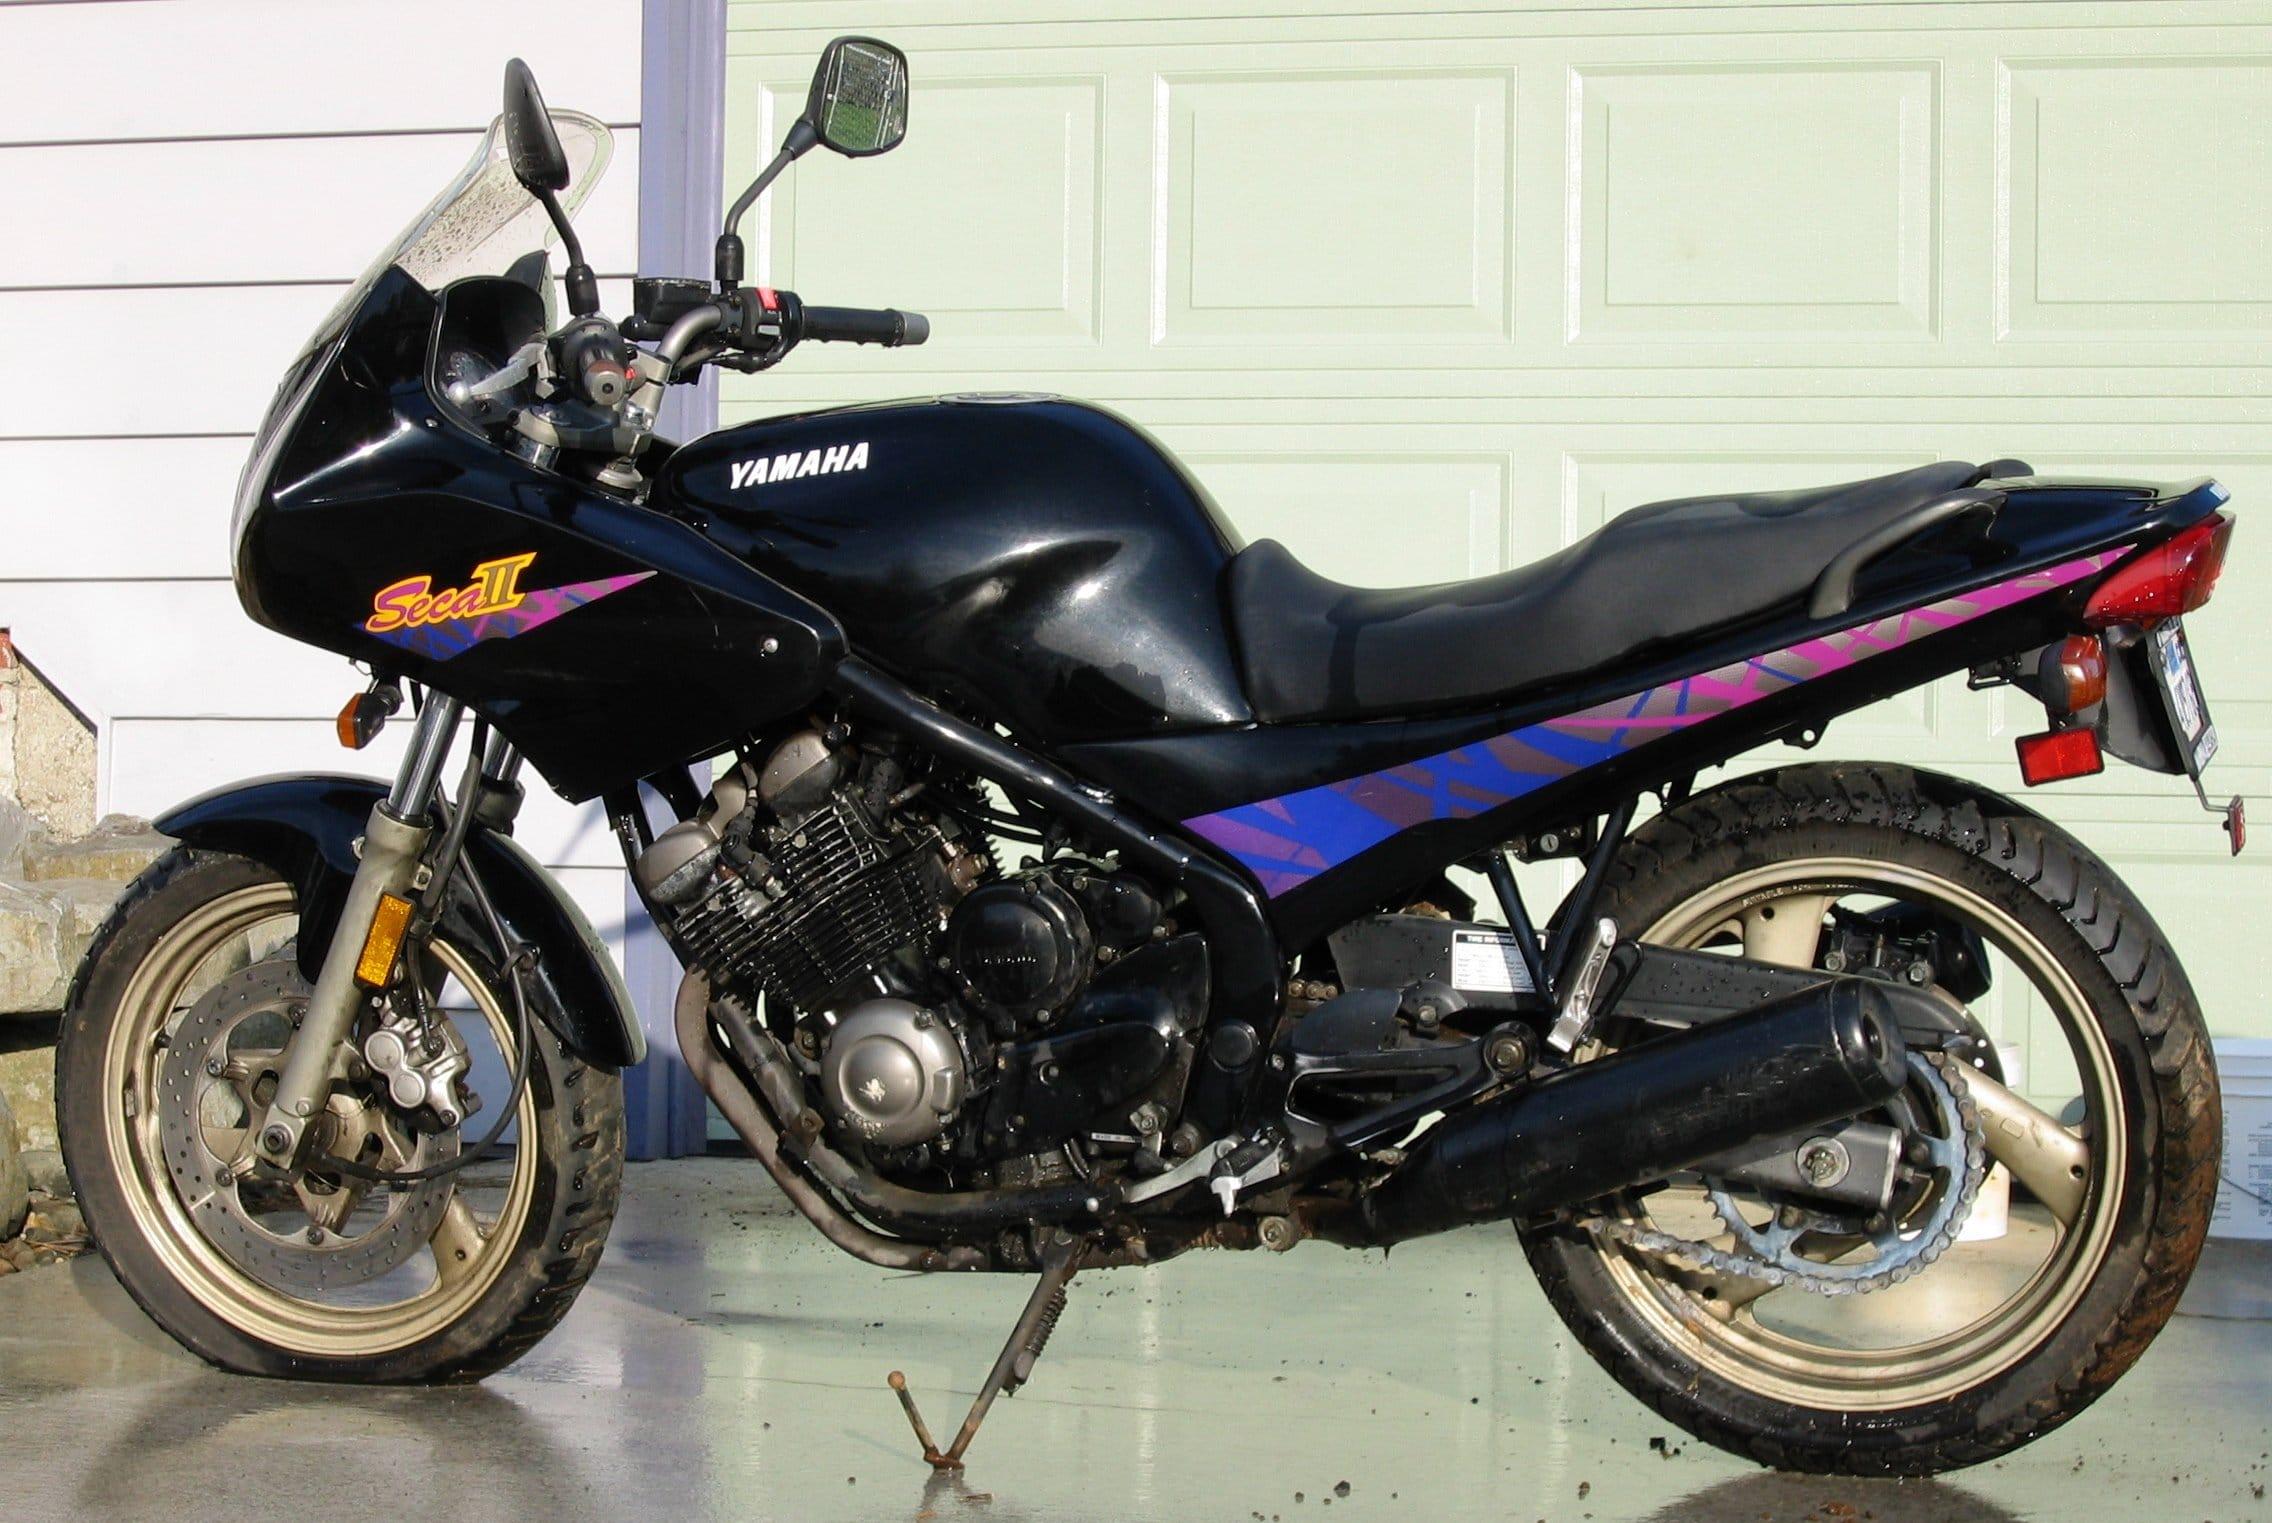 Yamaha XJ600N 1996